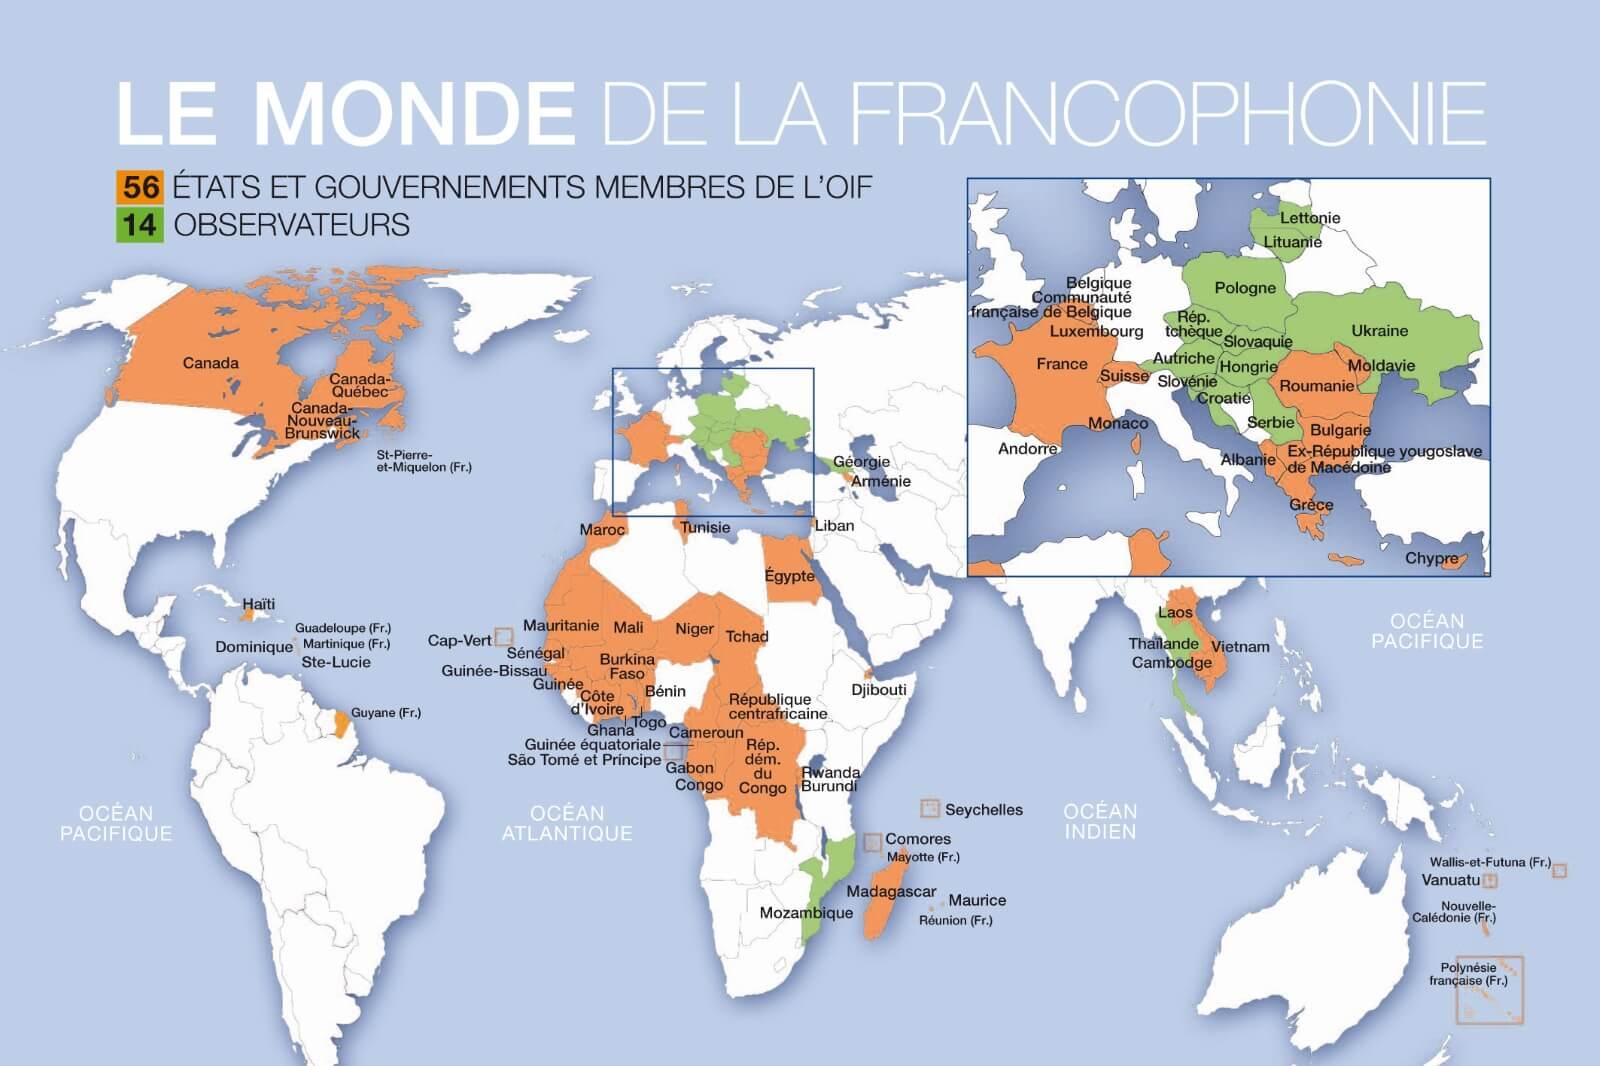 Χώρες που μιλιούνται τα Γαλλικά